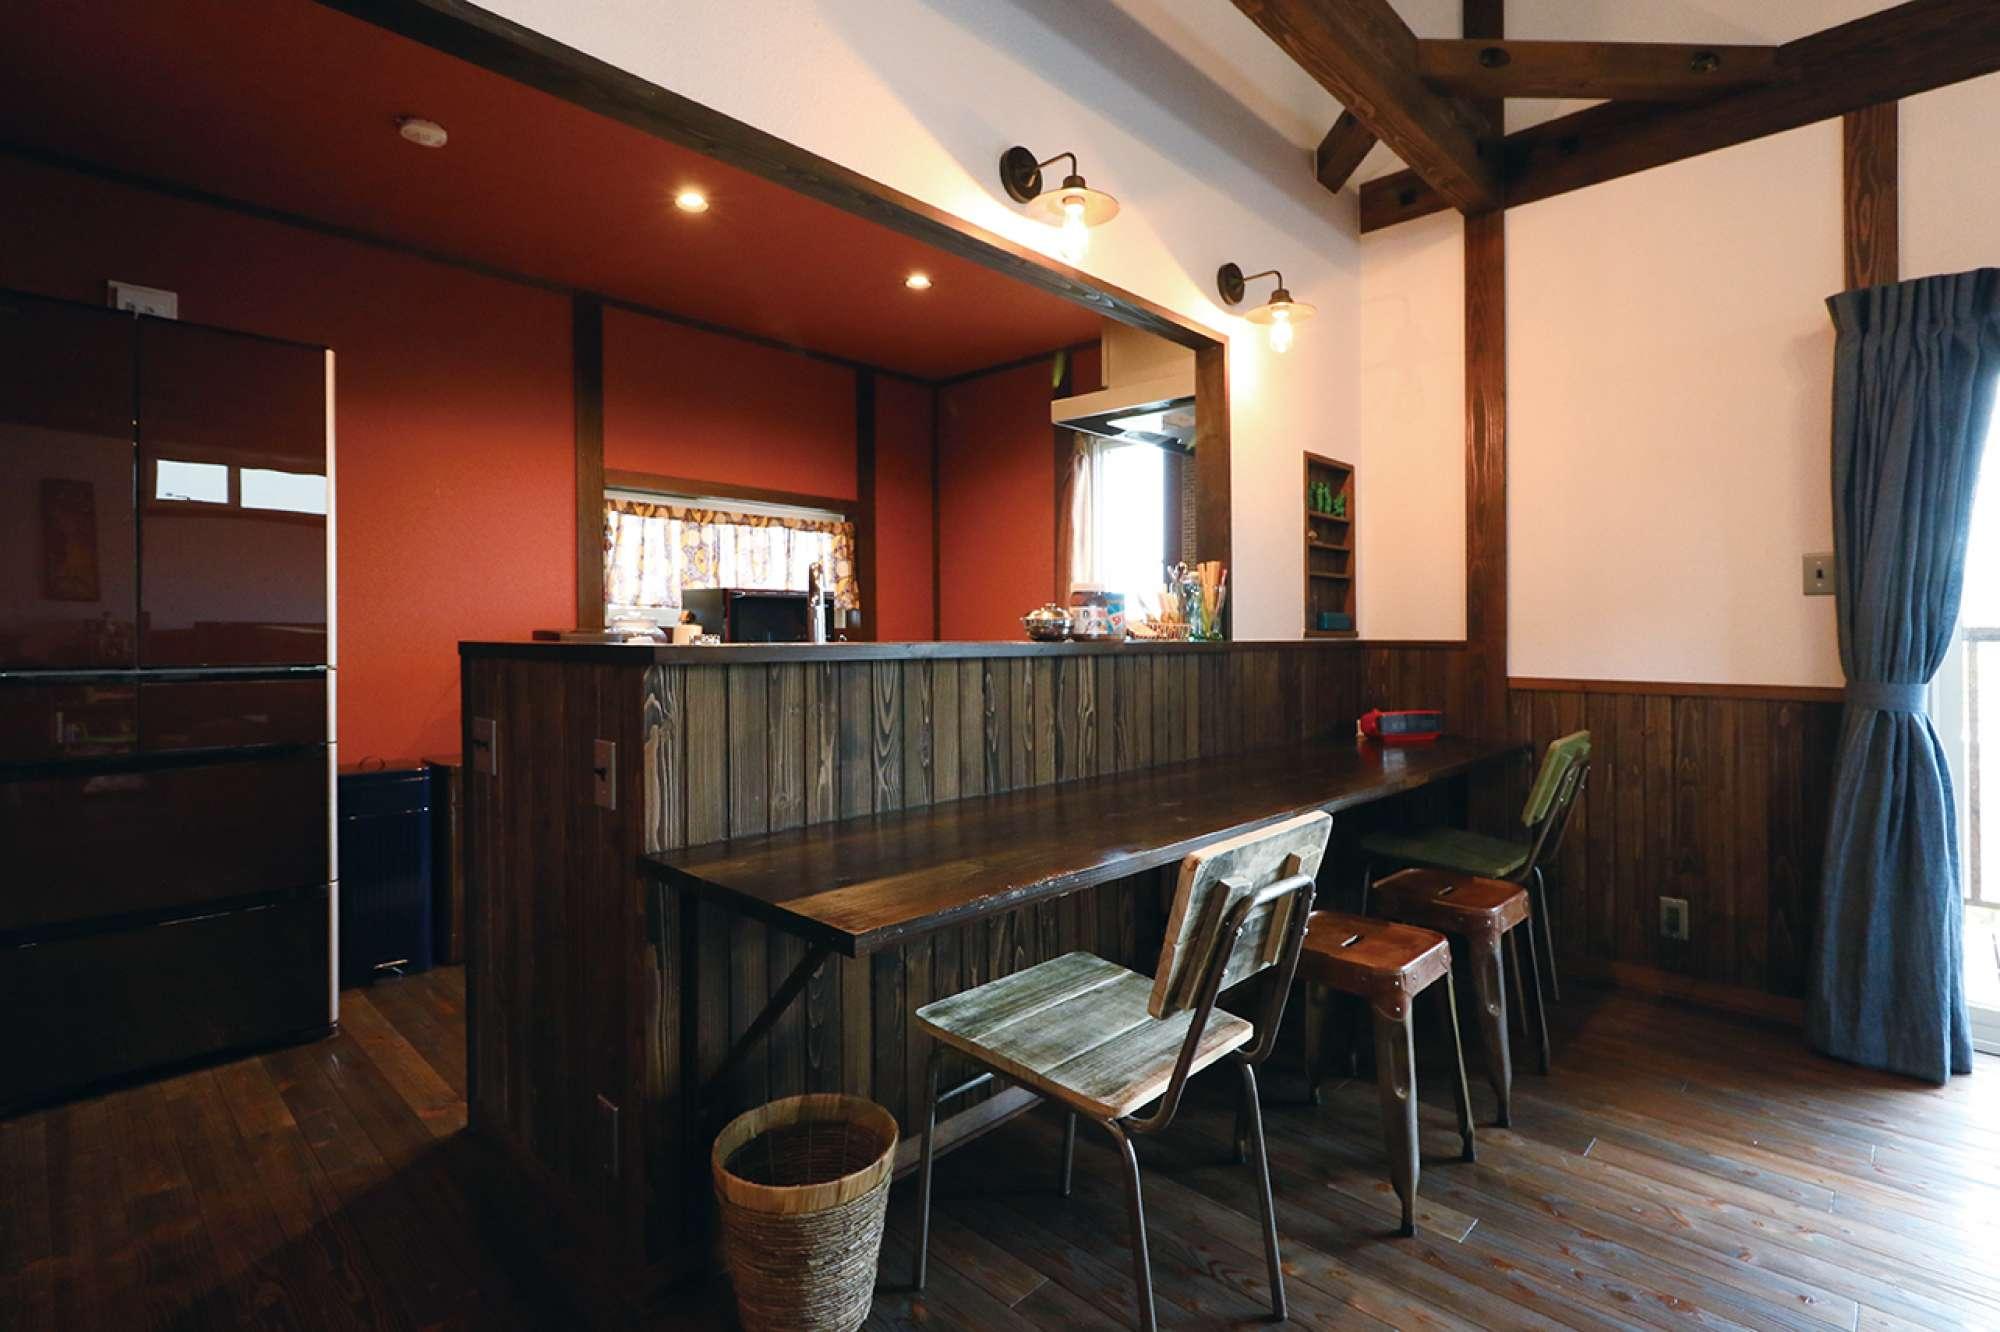 エンジ色の壁が素敵なキッチンと、造作のダイニングカウンター -  -  -